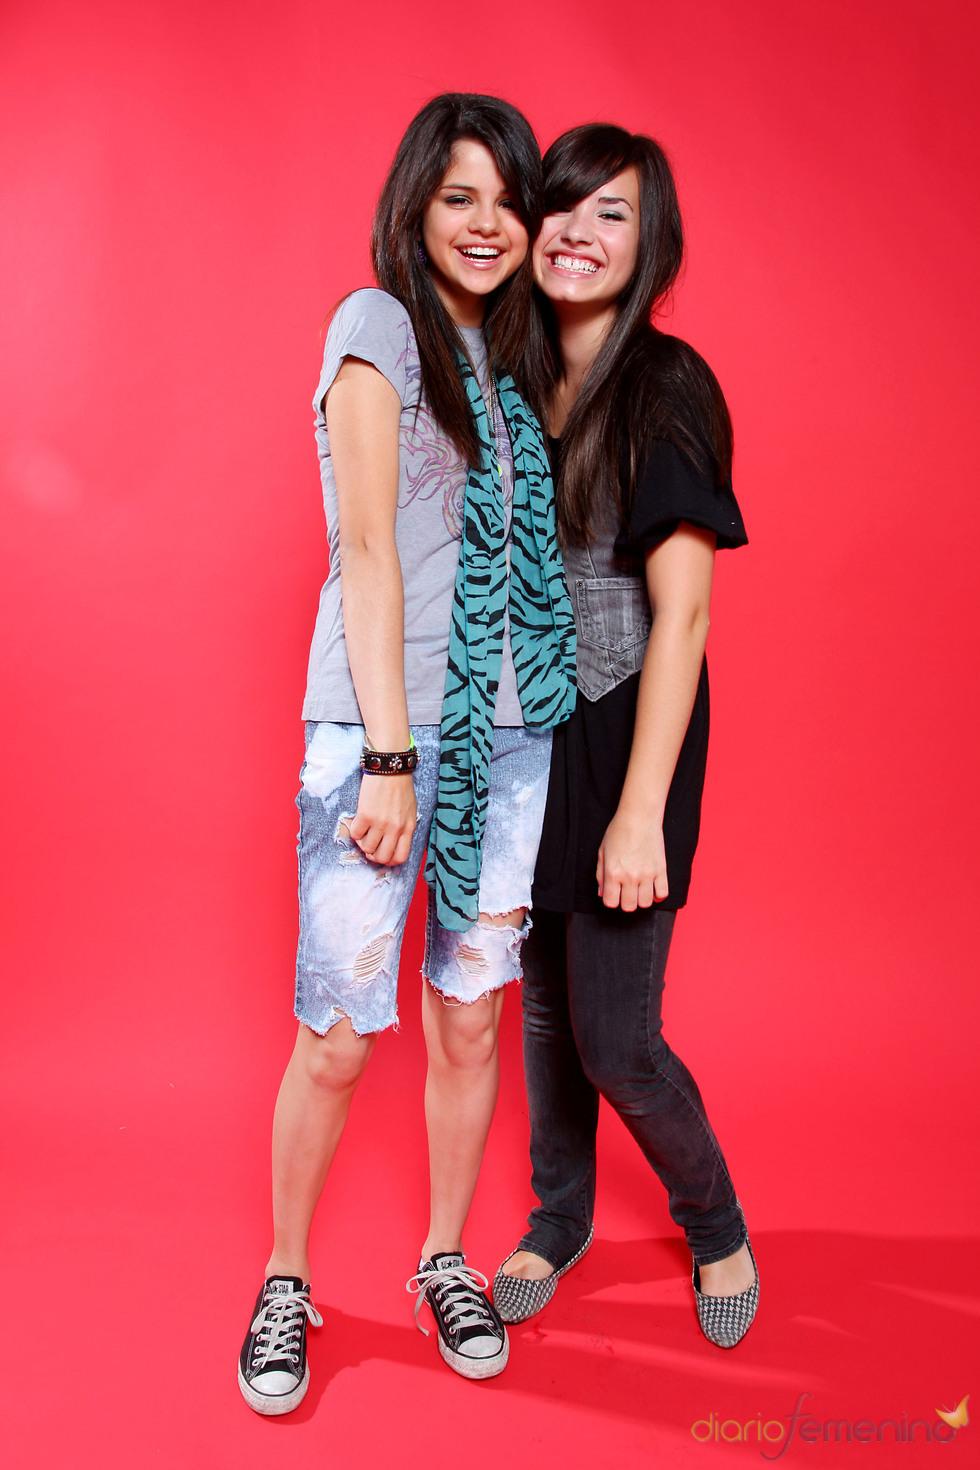 Demi Lovato y Selena Gómez, ambas muy jóvenes